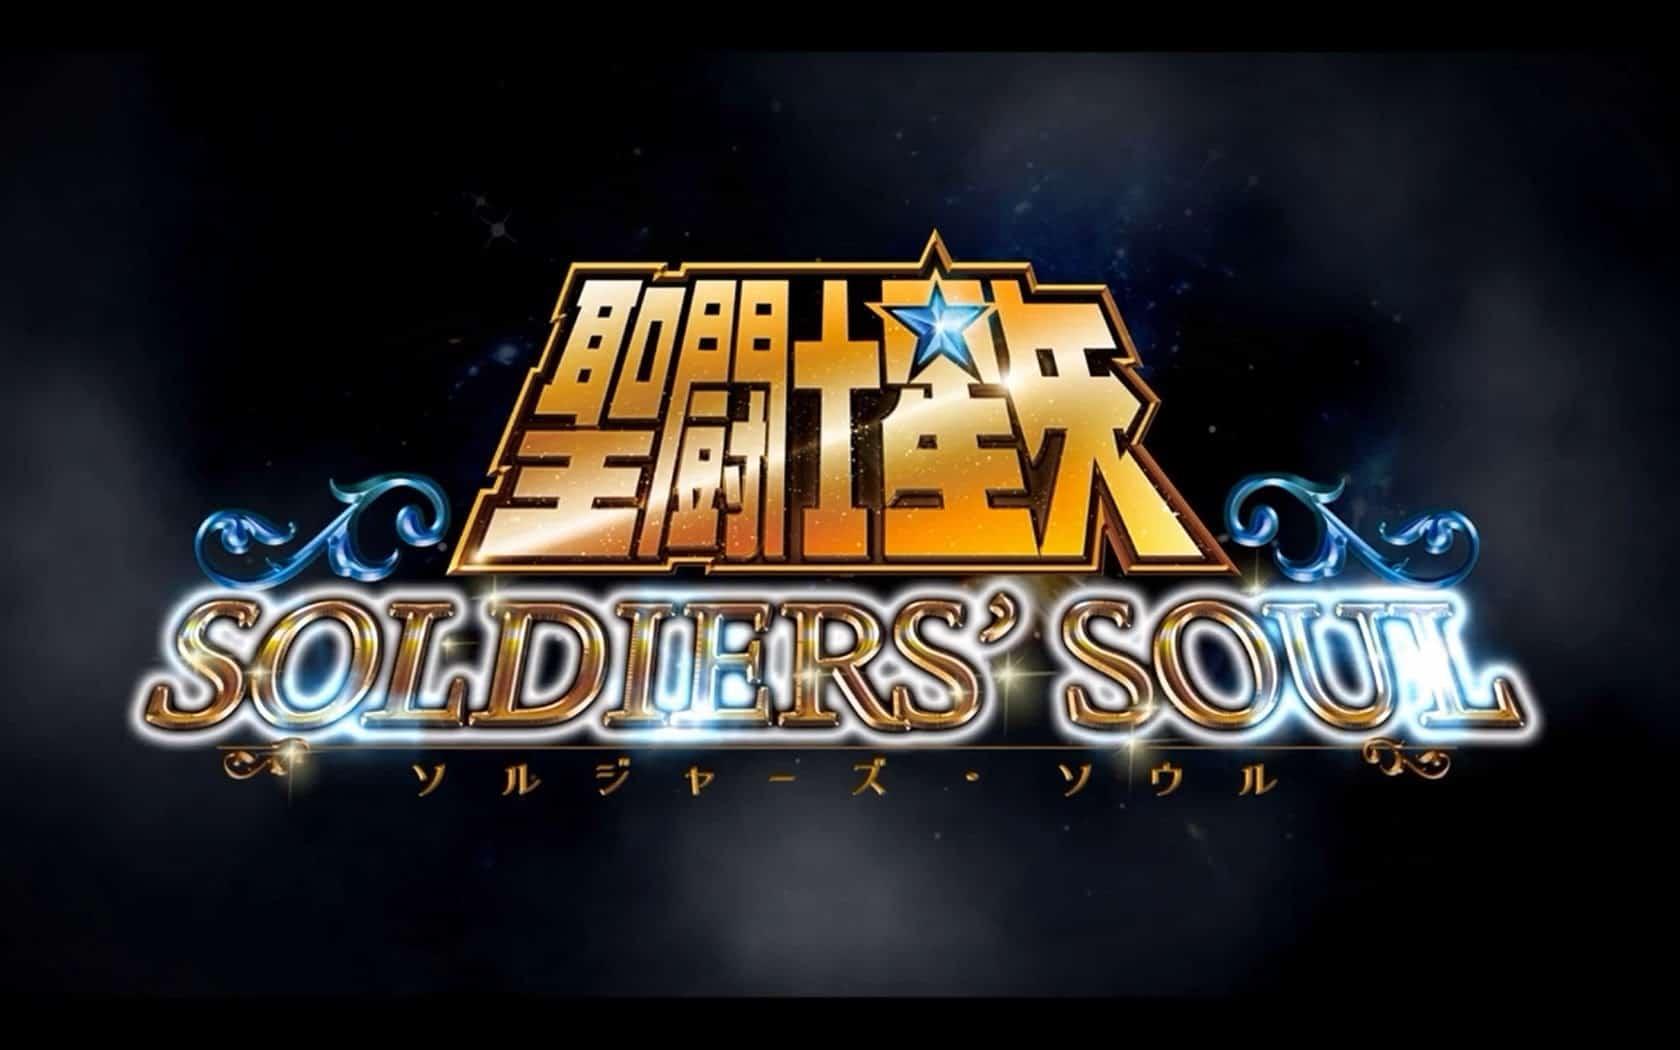 [TOURNOI] Saint Seiya Soldiers' Soul